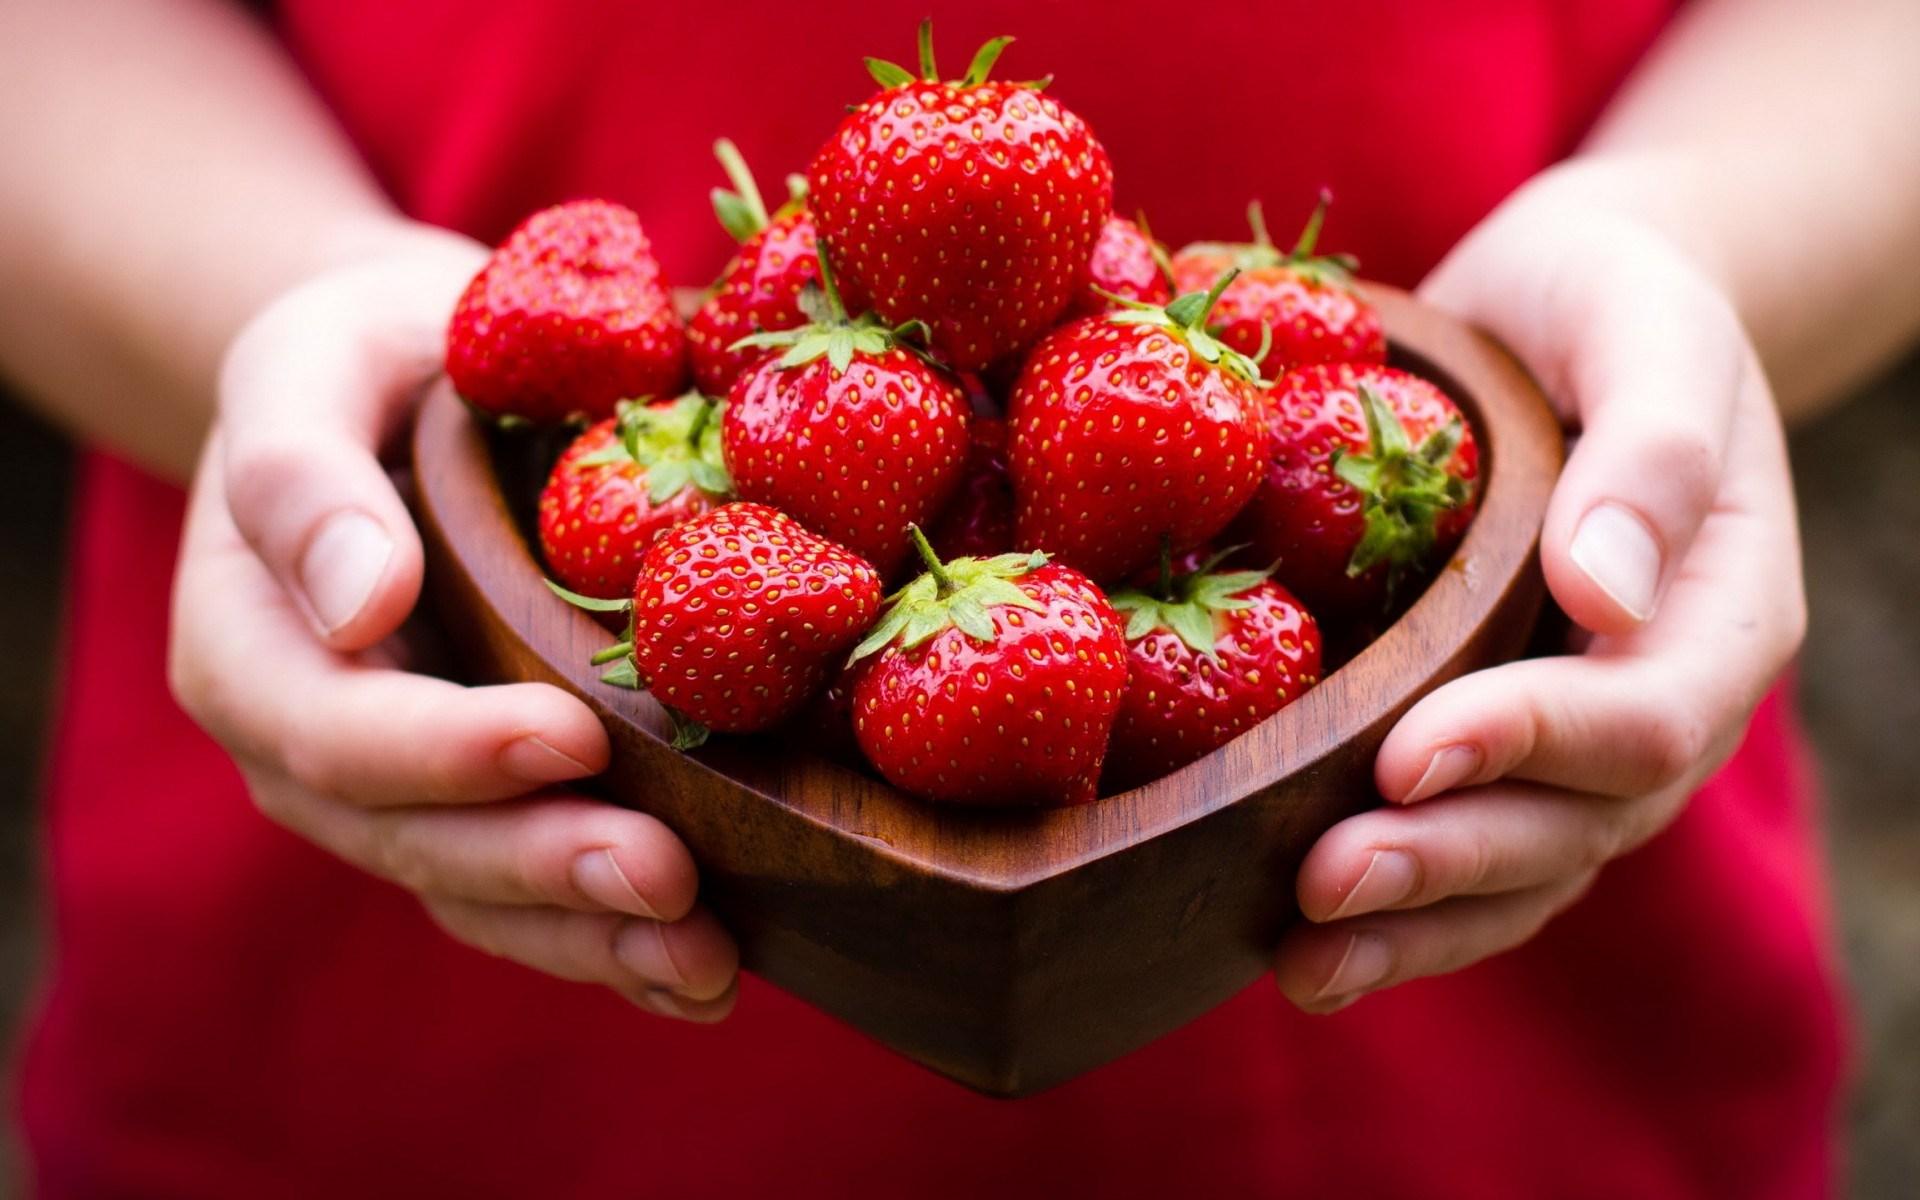 Hands Berries Fruits